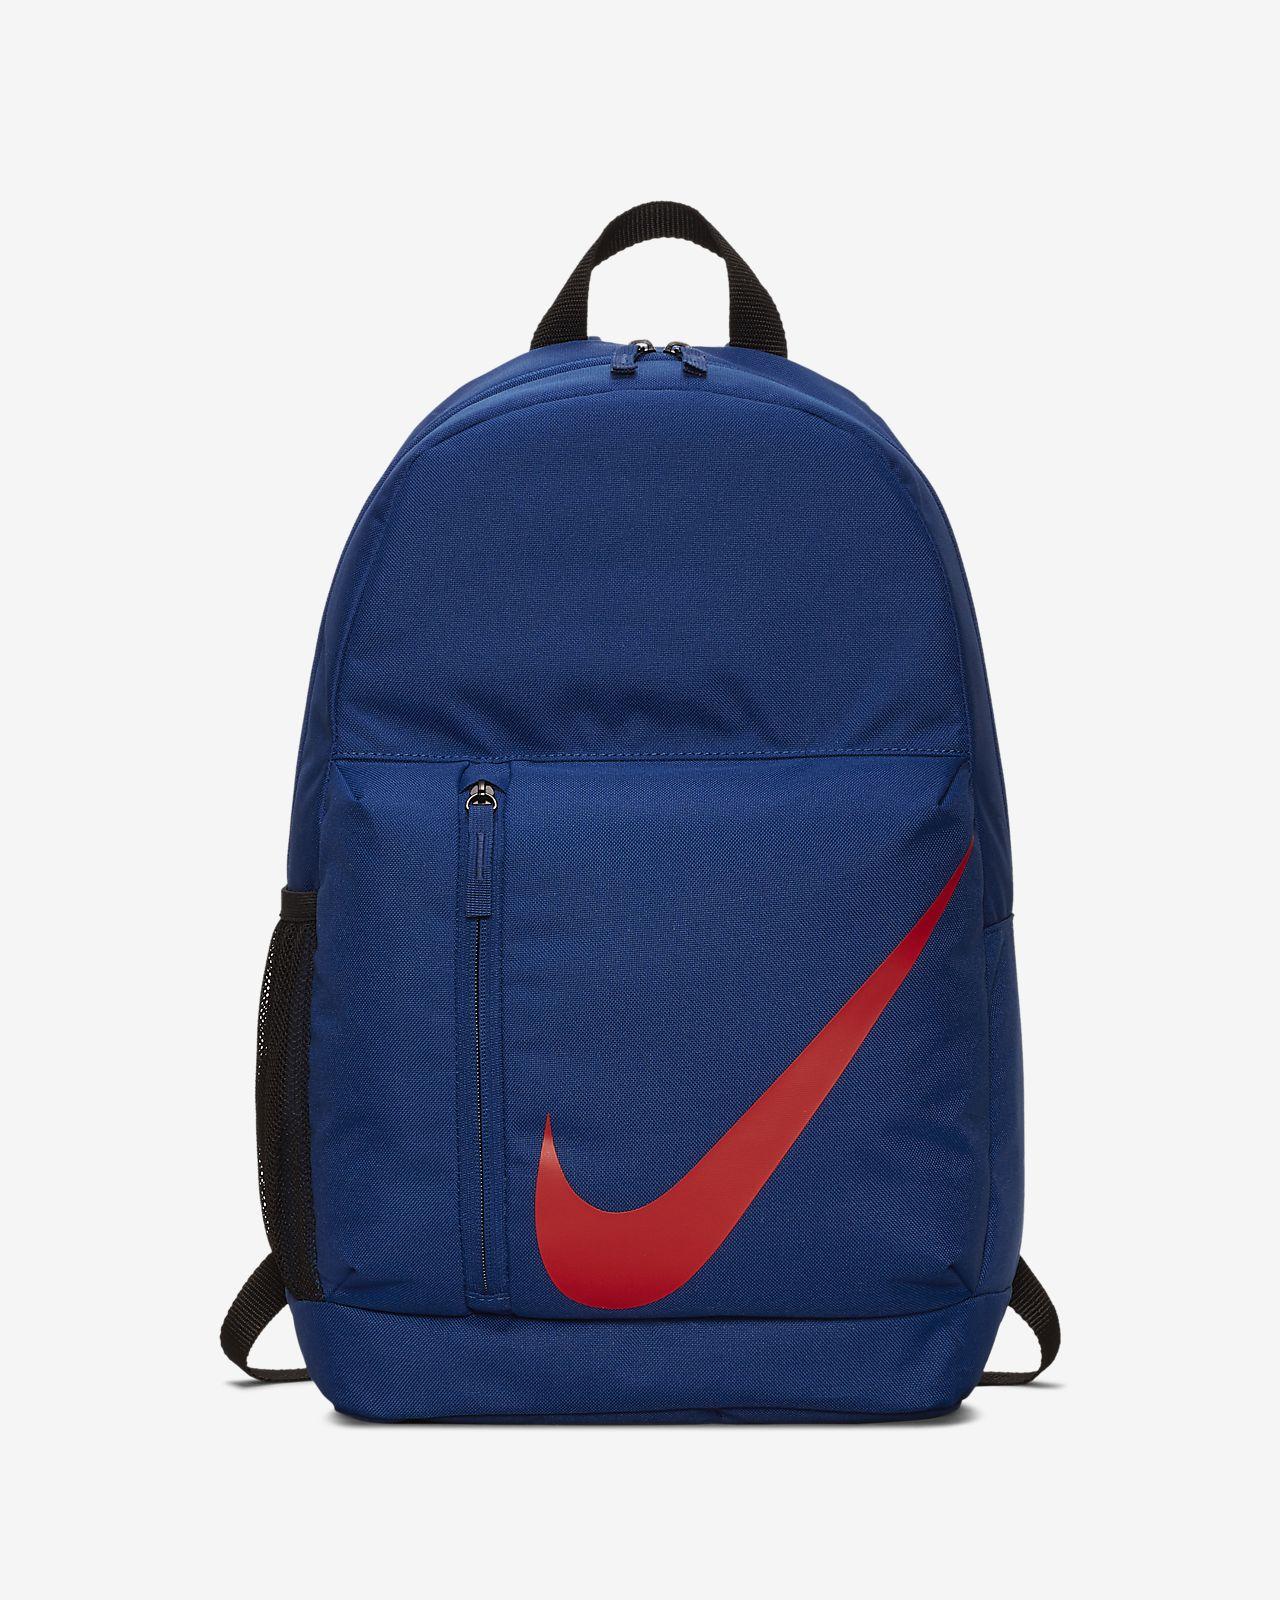 c784131bb56c Nike Elemental Kids  Backpack. Nike.com